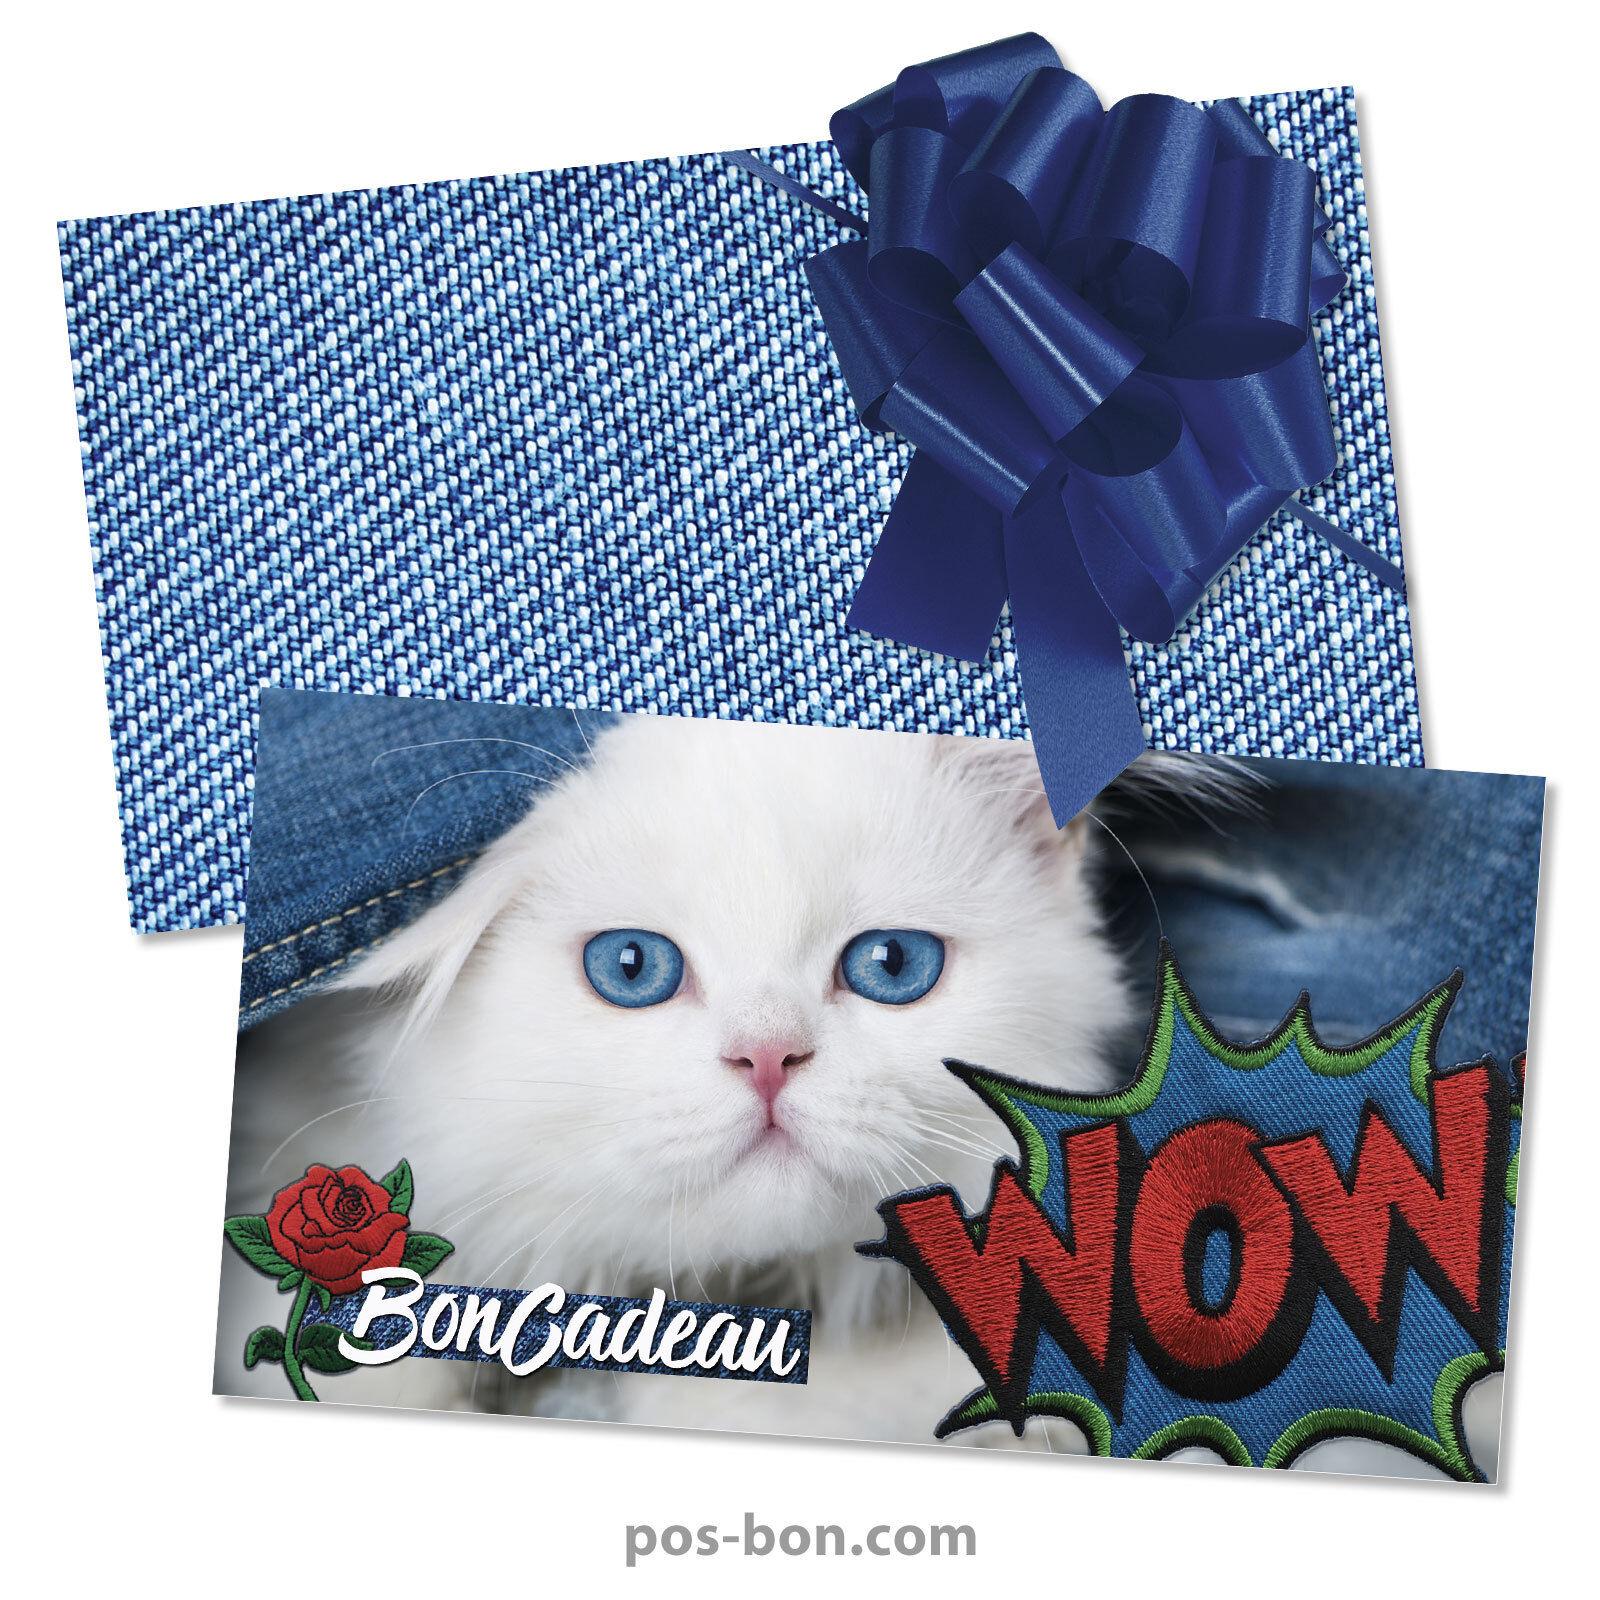 Bons cadeaux  enveloppes  nœuds rub. pour pour boutiques de mode FA1261F  | Neuer Eintrag  | Exquisite Handwerkskunst